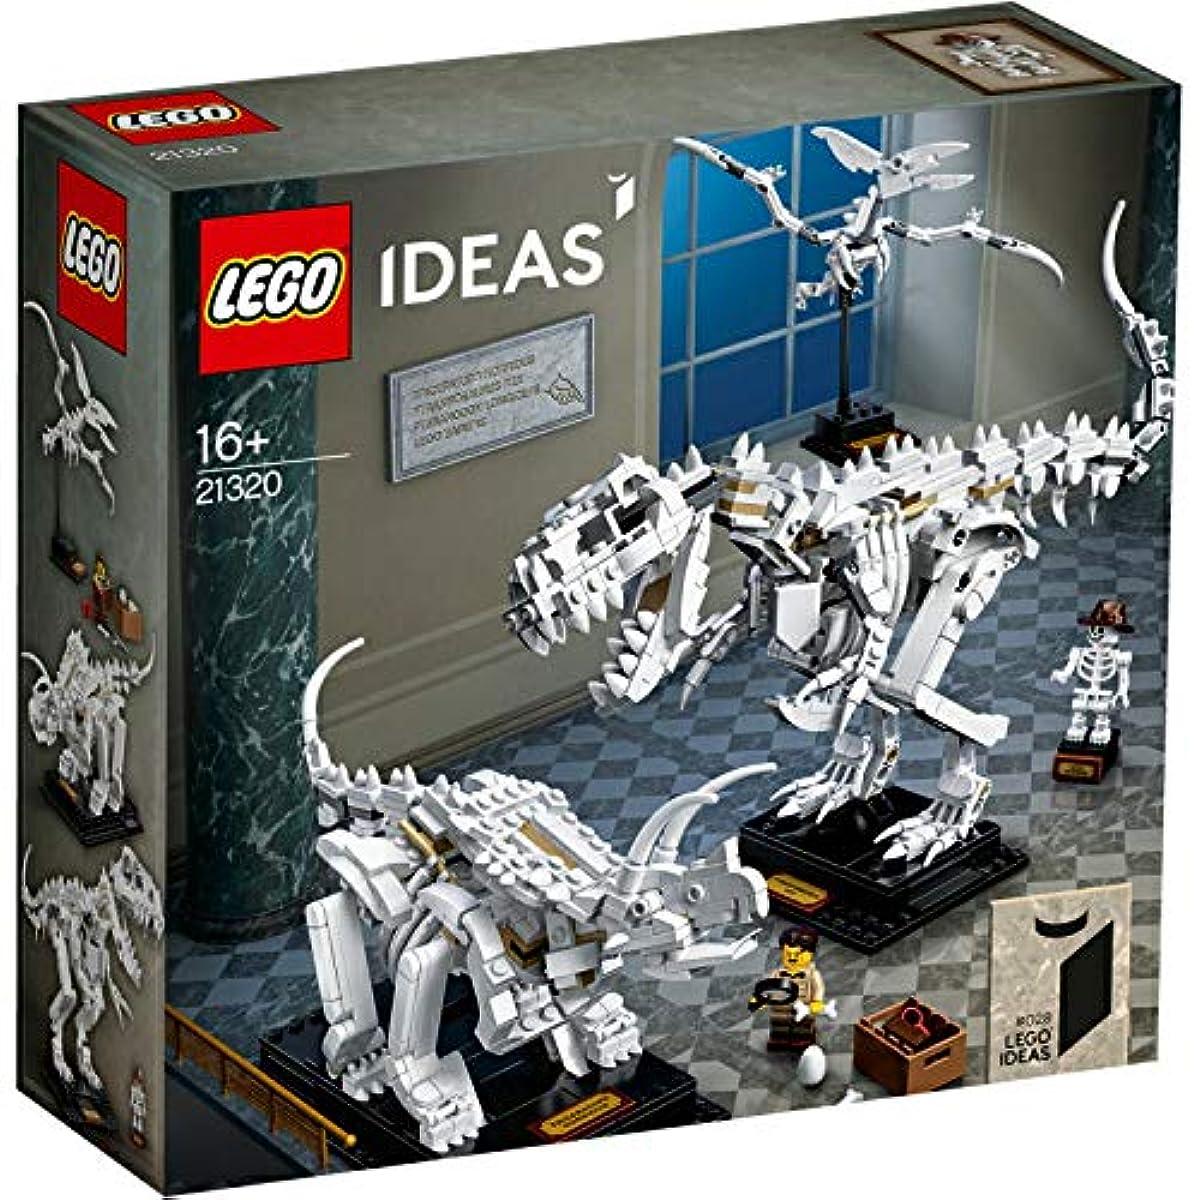 [해외] 레고 (LEGO) LEGO 아이디어 공룡의 화석 21320 일본 국내 유통 정규품